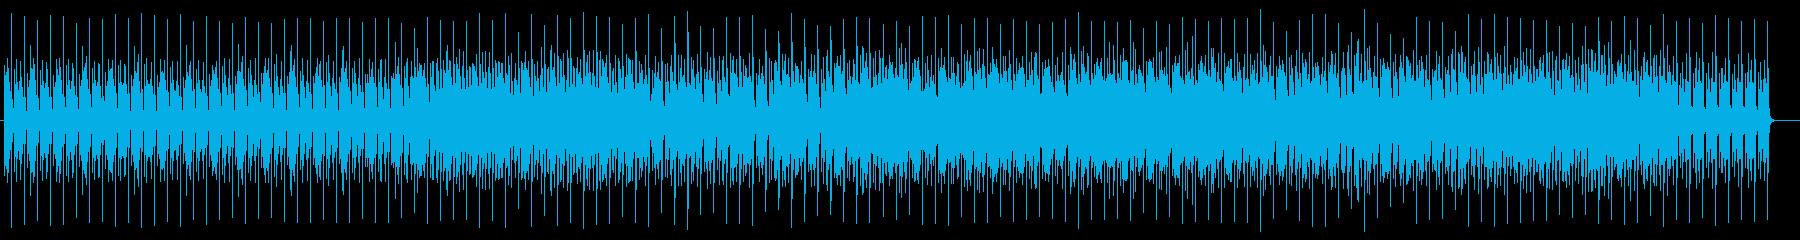 落ち着いたテンポのクセのないポップスの再生済みの波形